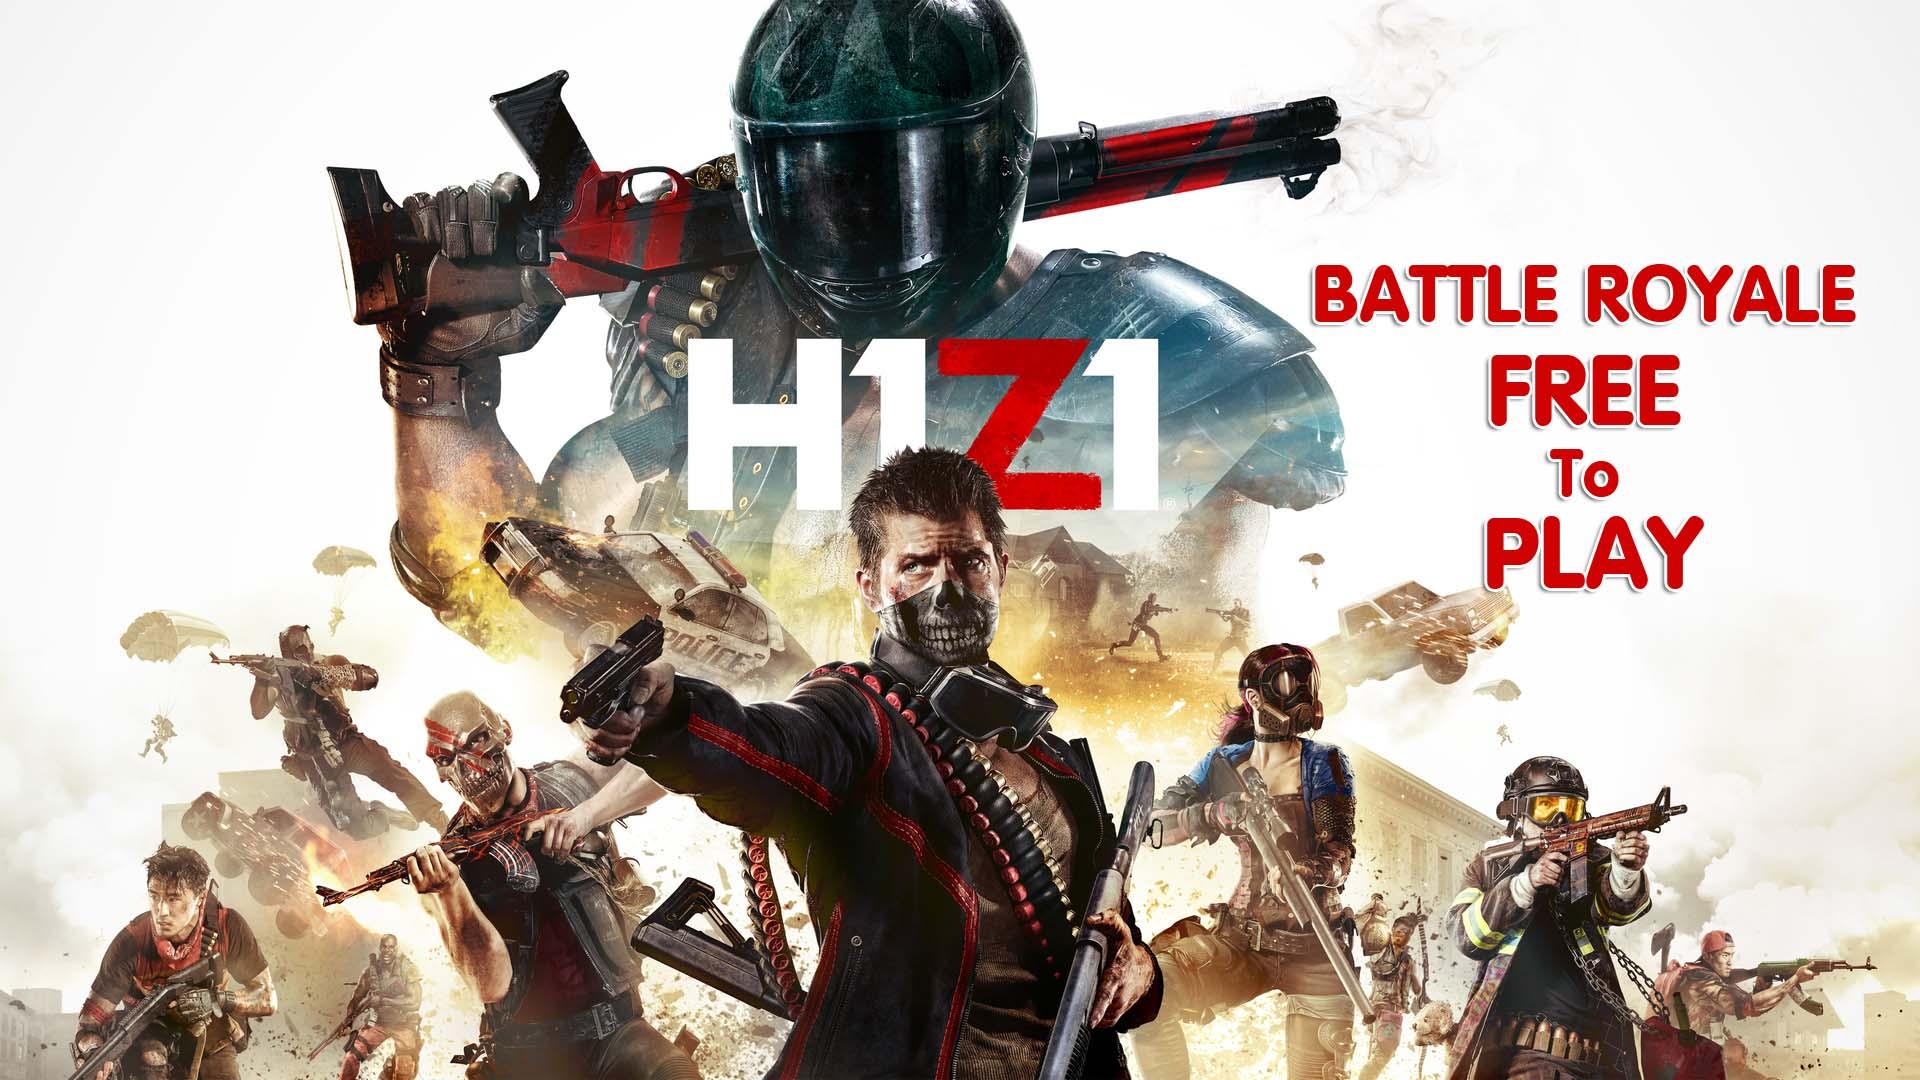 รอค่อยกันมานาน H1Z1  เปิดให้เล่นฟรีแล้วนะ Free to Play